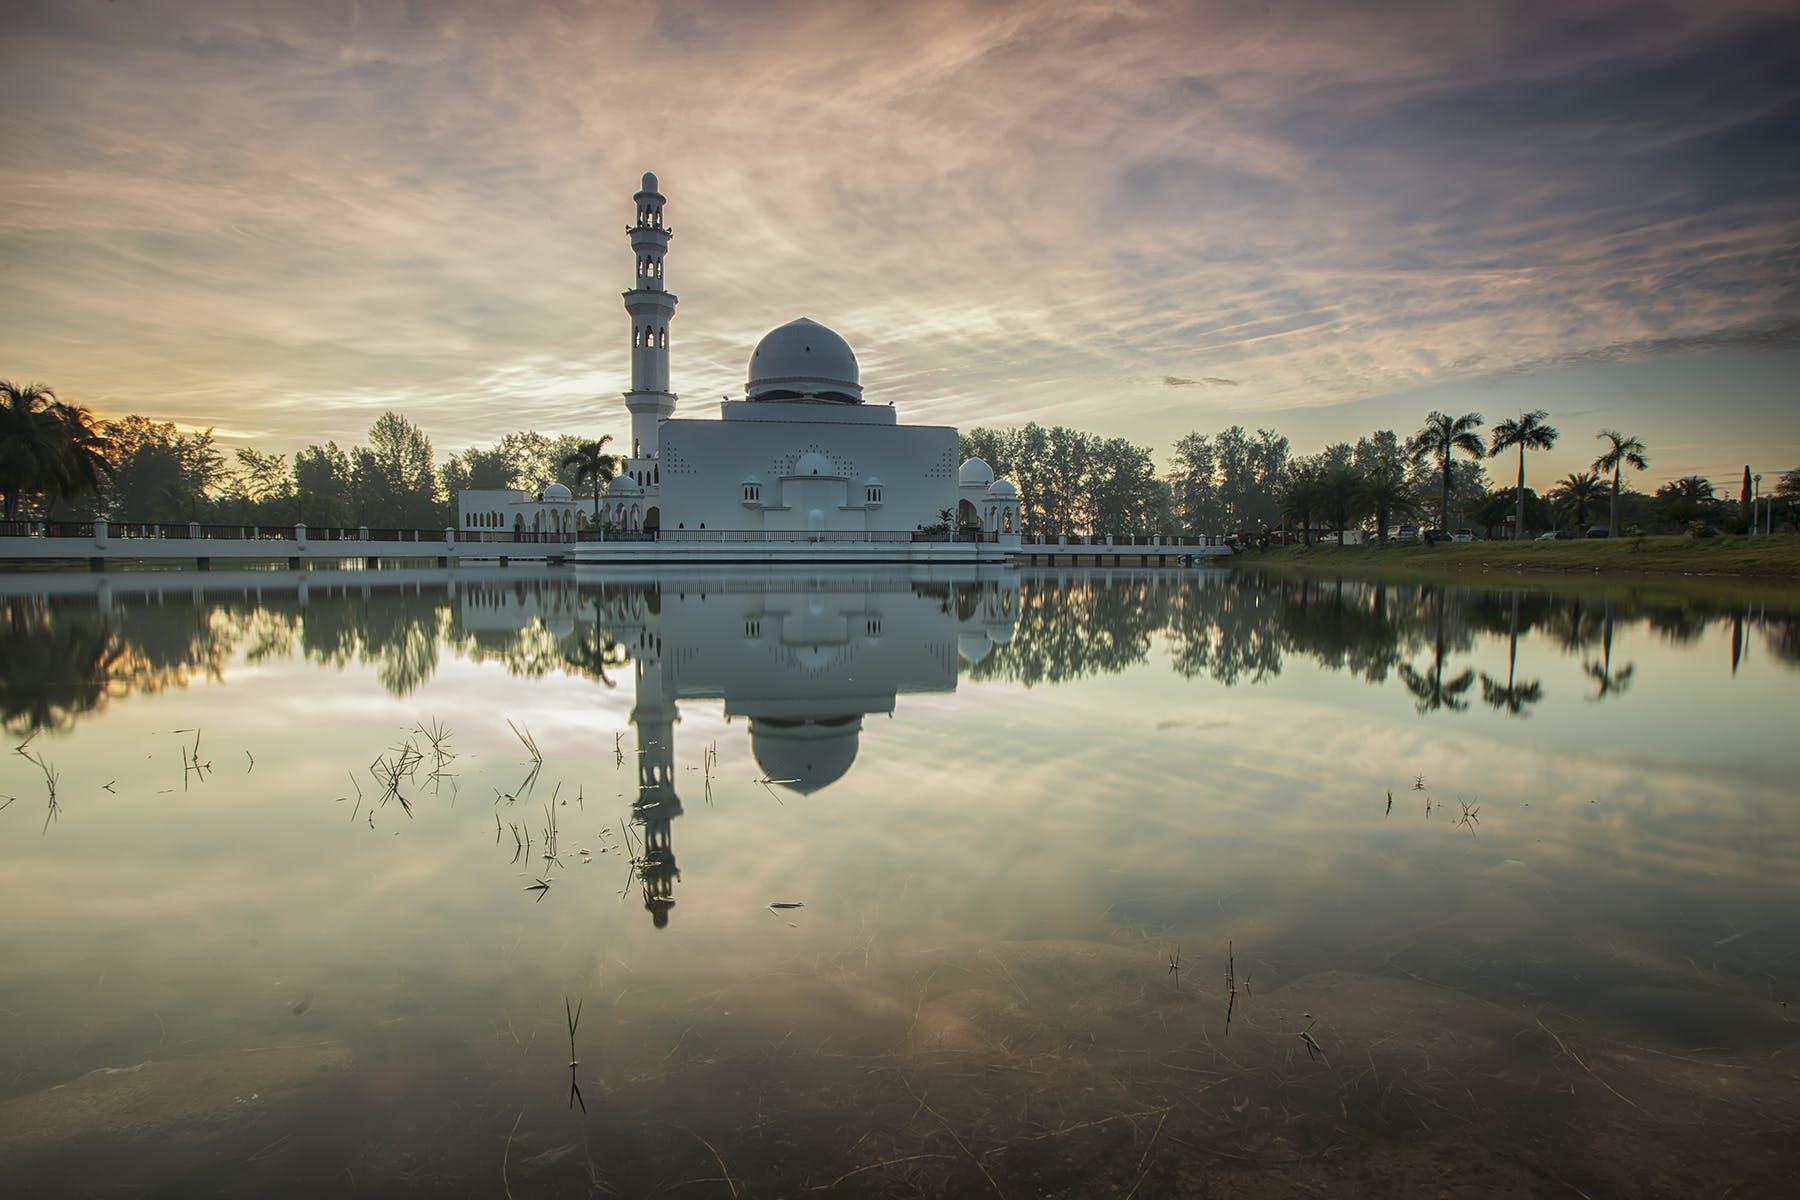 伊斯蘭, 反射, 地標, 天性 的 免費圖庫相片